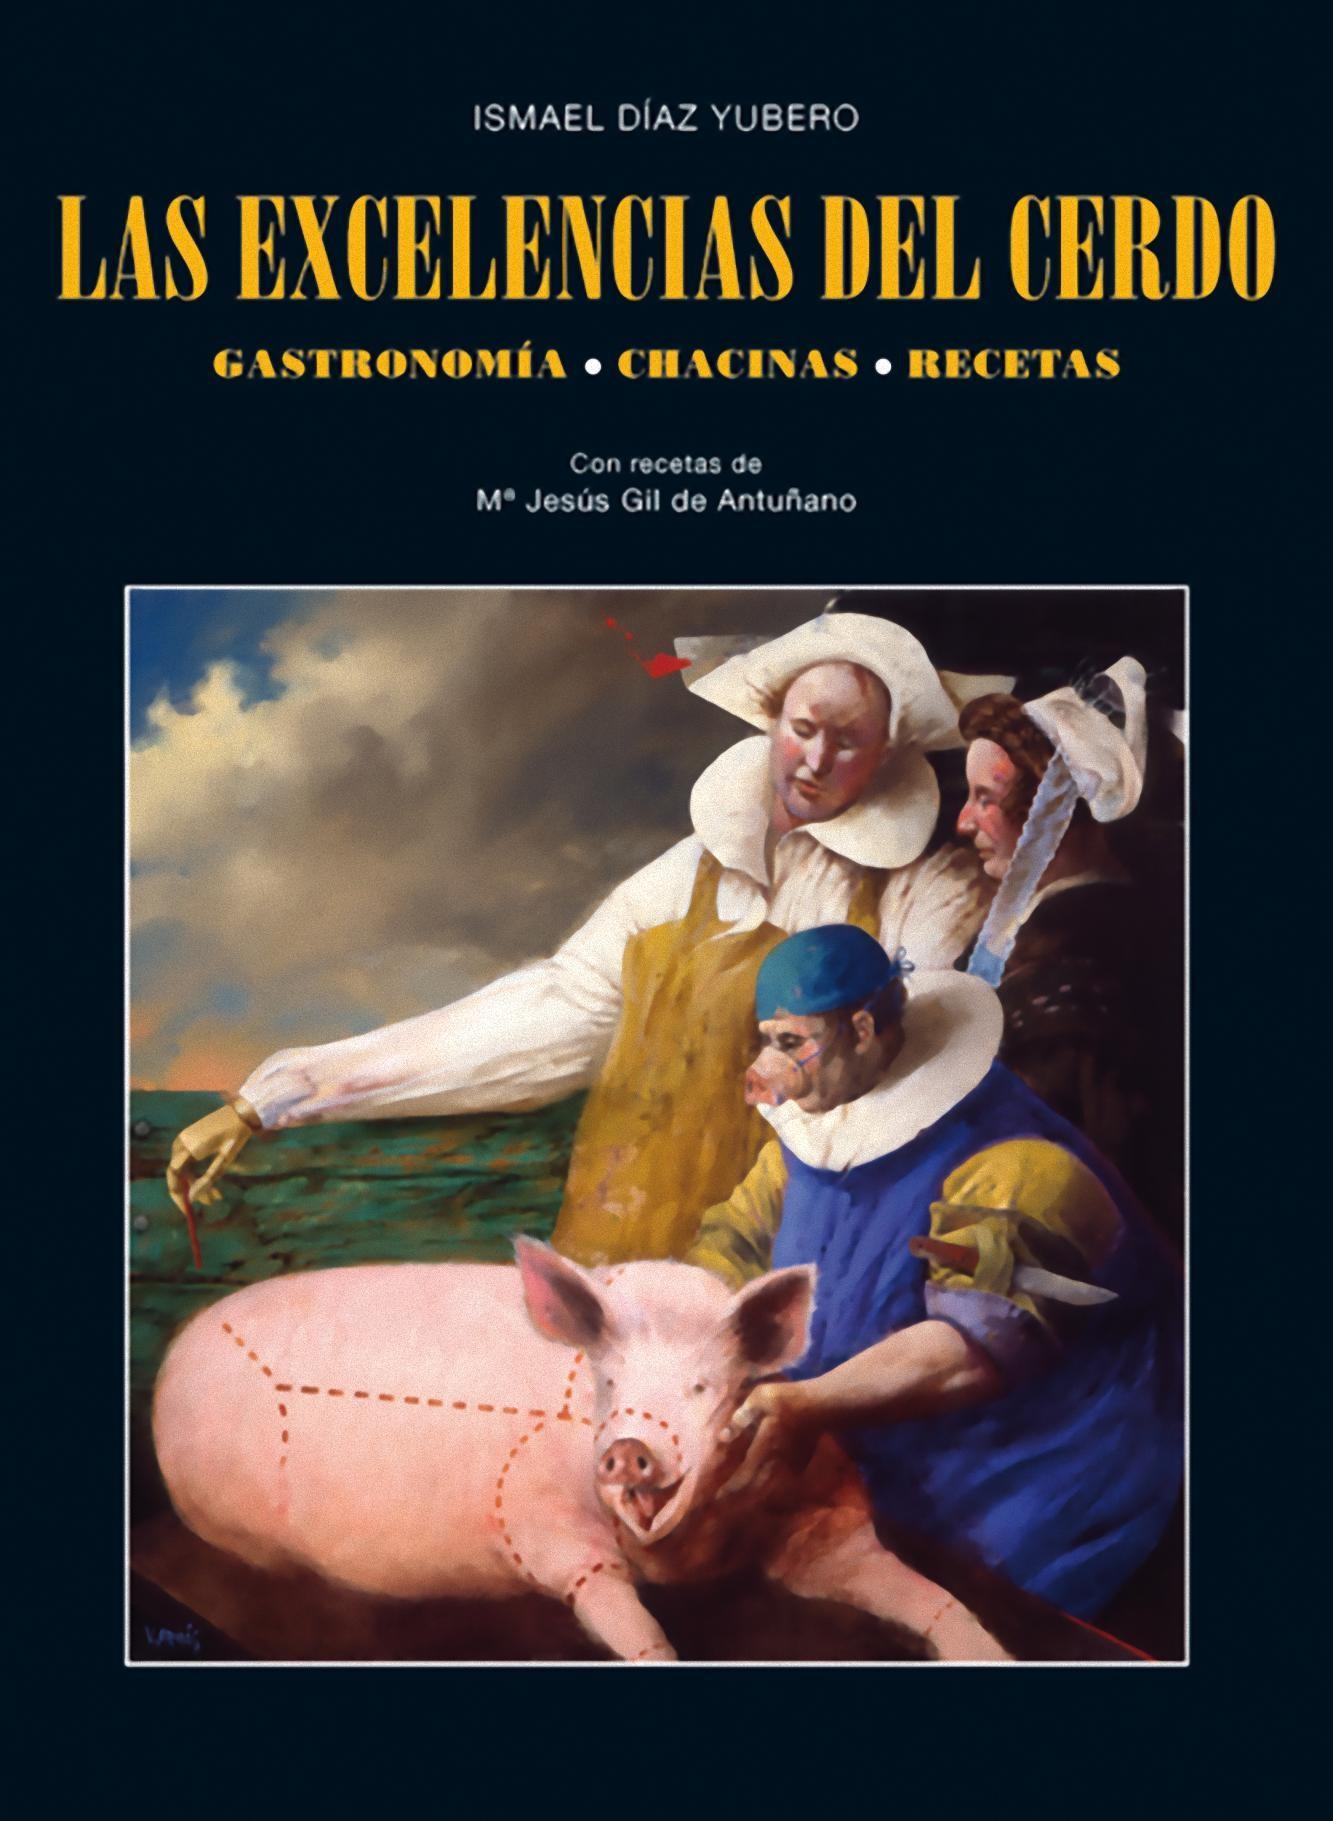 Las Excelencias del Cerdo